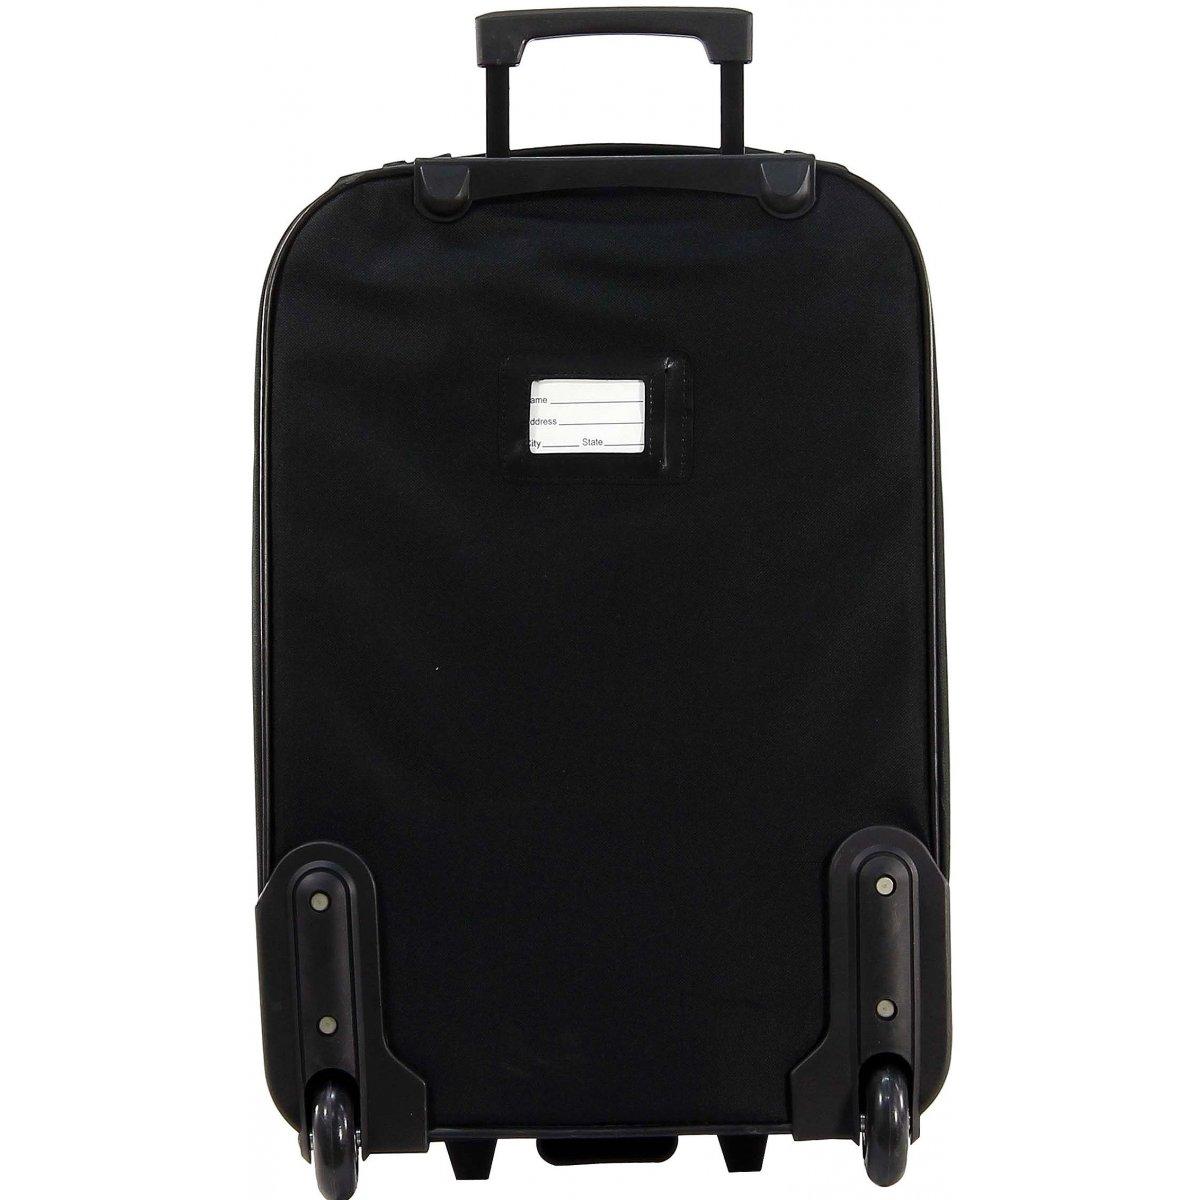 valise cabine ryanair et un reporter david jones ba40102 couleur principale noir promotion. Black Bedroom Furniture Sets. Home Design Ideas